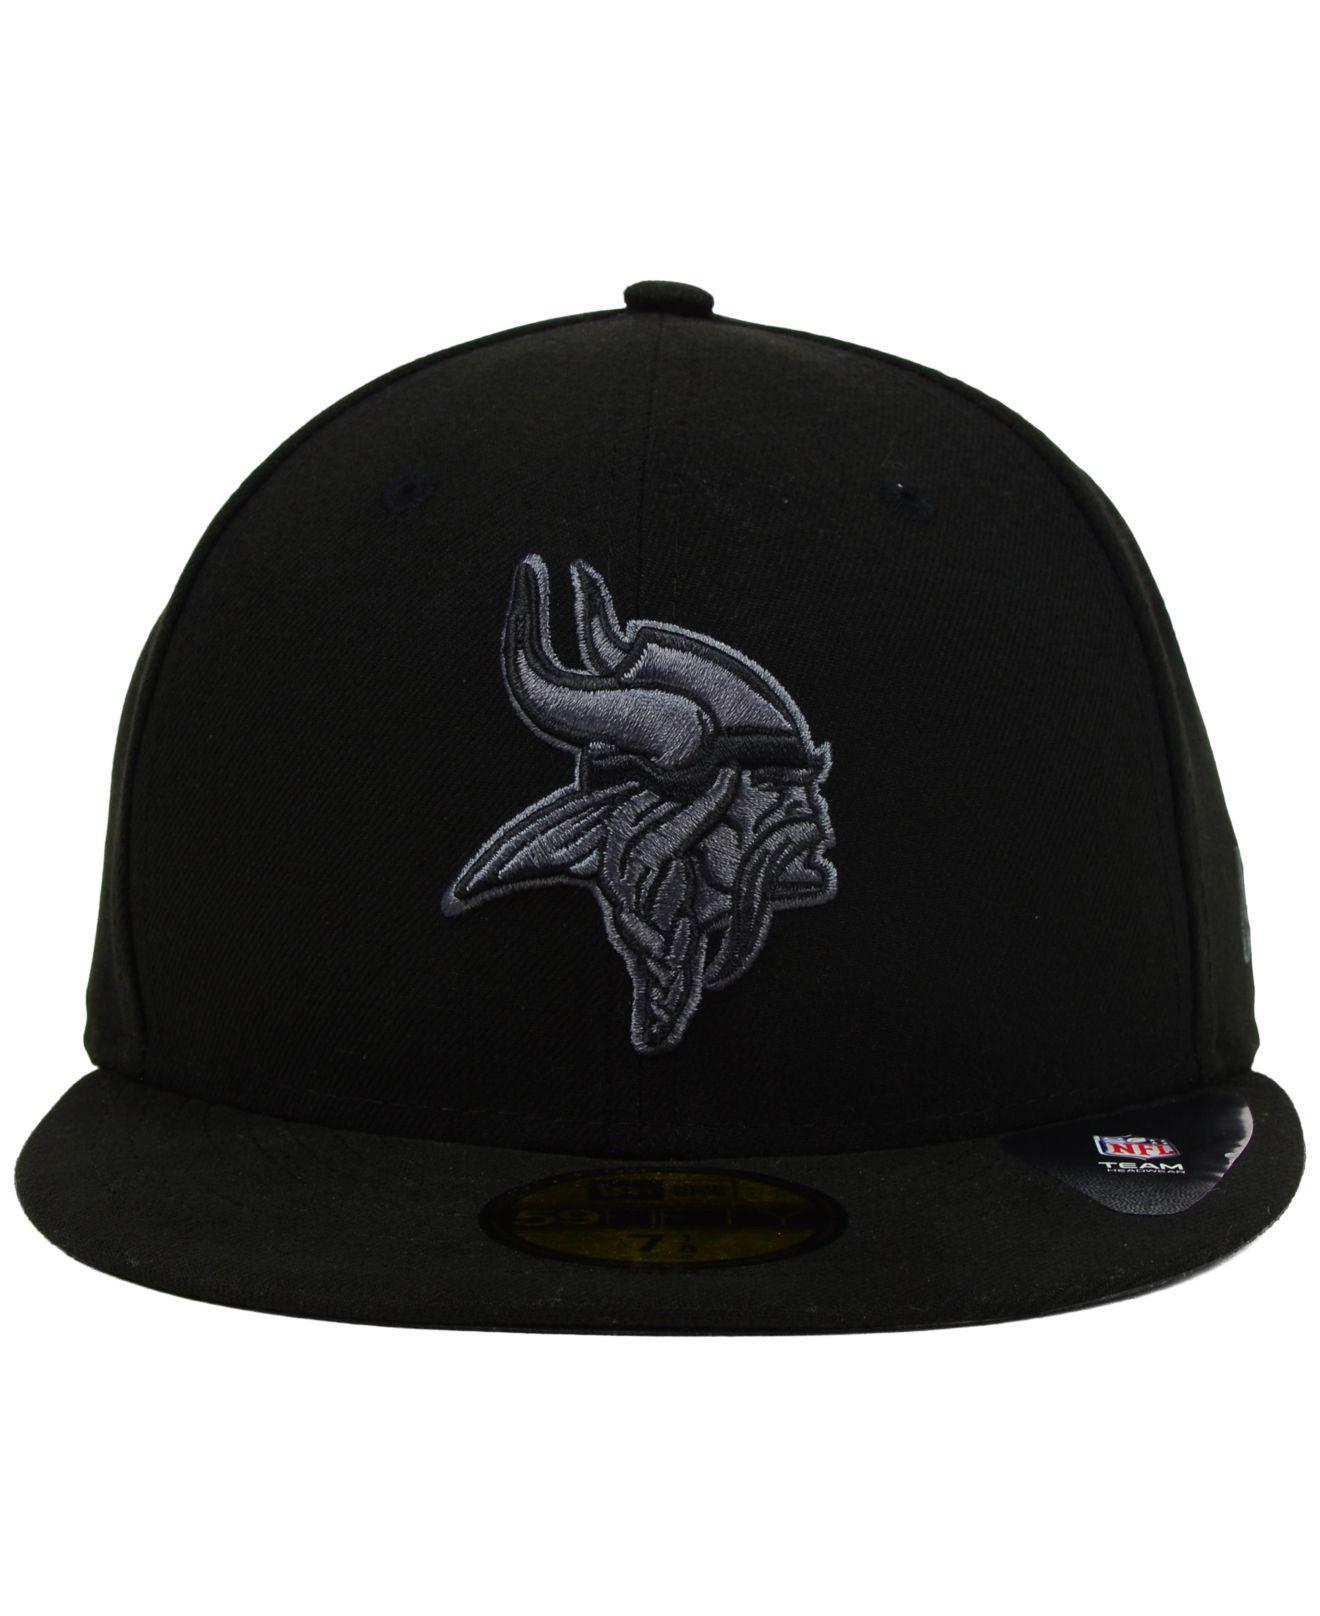 buy online 99c54 e5ff3 Lyst - KTZ Minnesota Vikings Black Gray 59fifty Cap in Black for Men